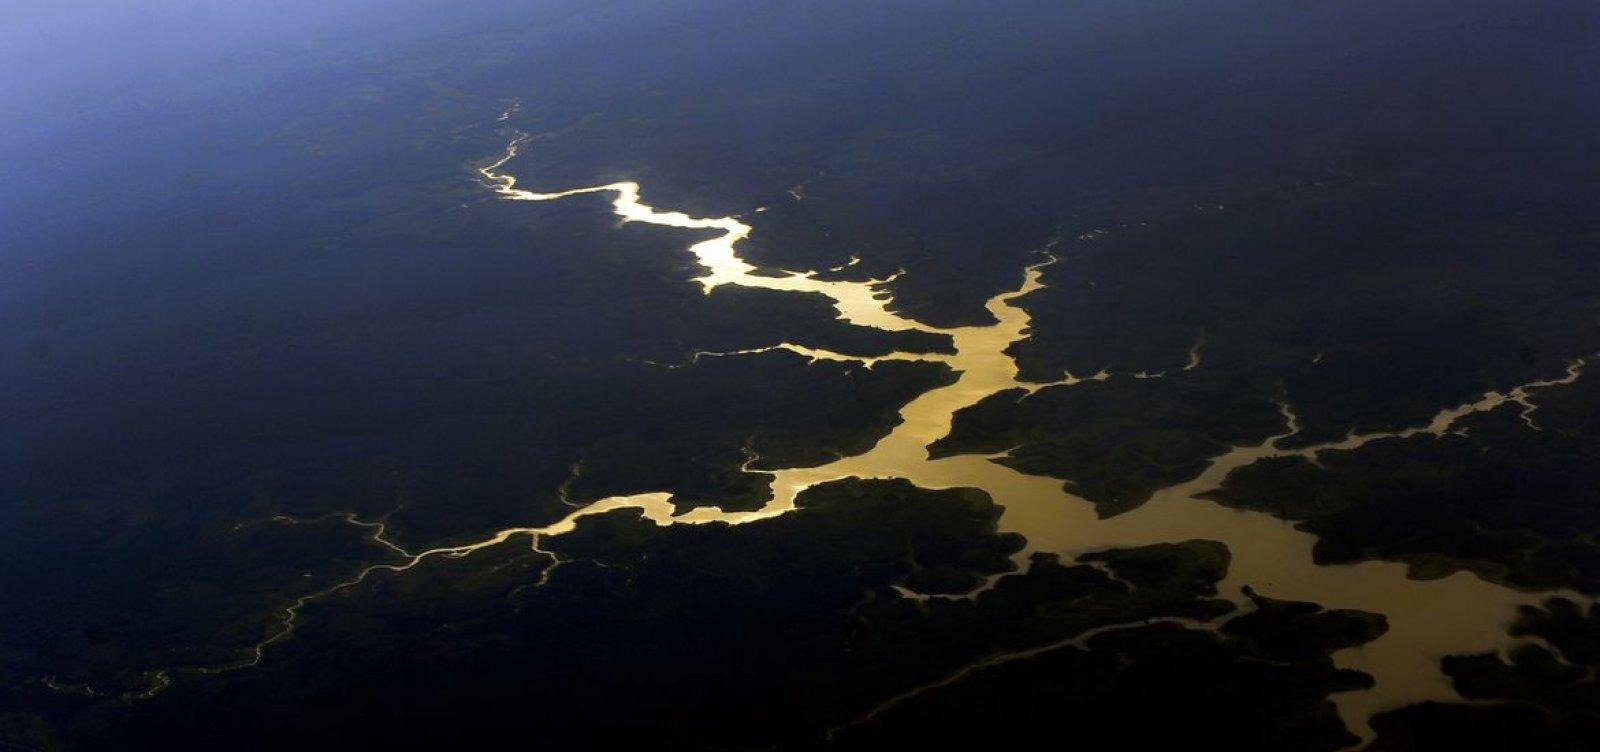 [Governo destinará R$ 500 milhões para proteger mata nativa da Amazônia]